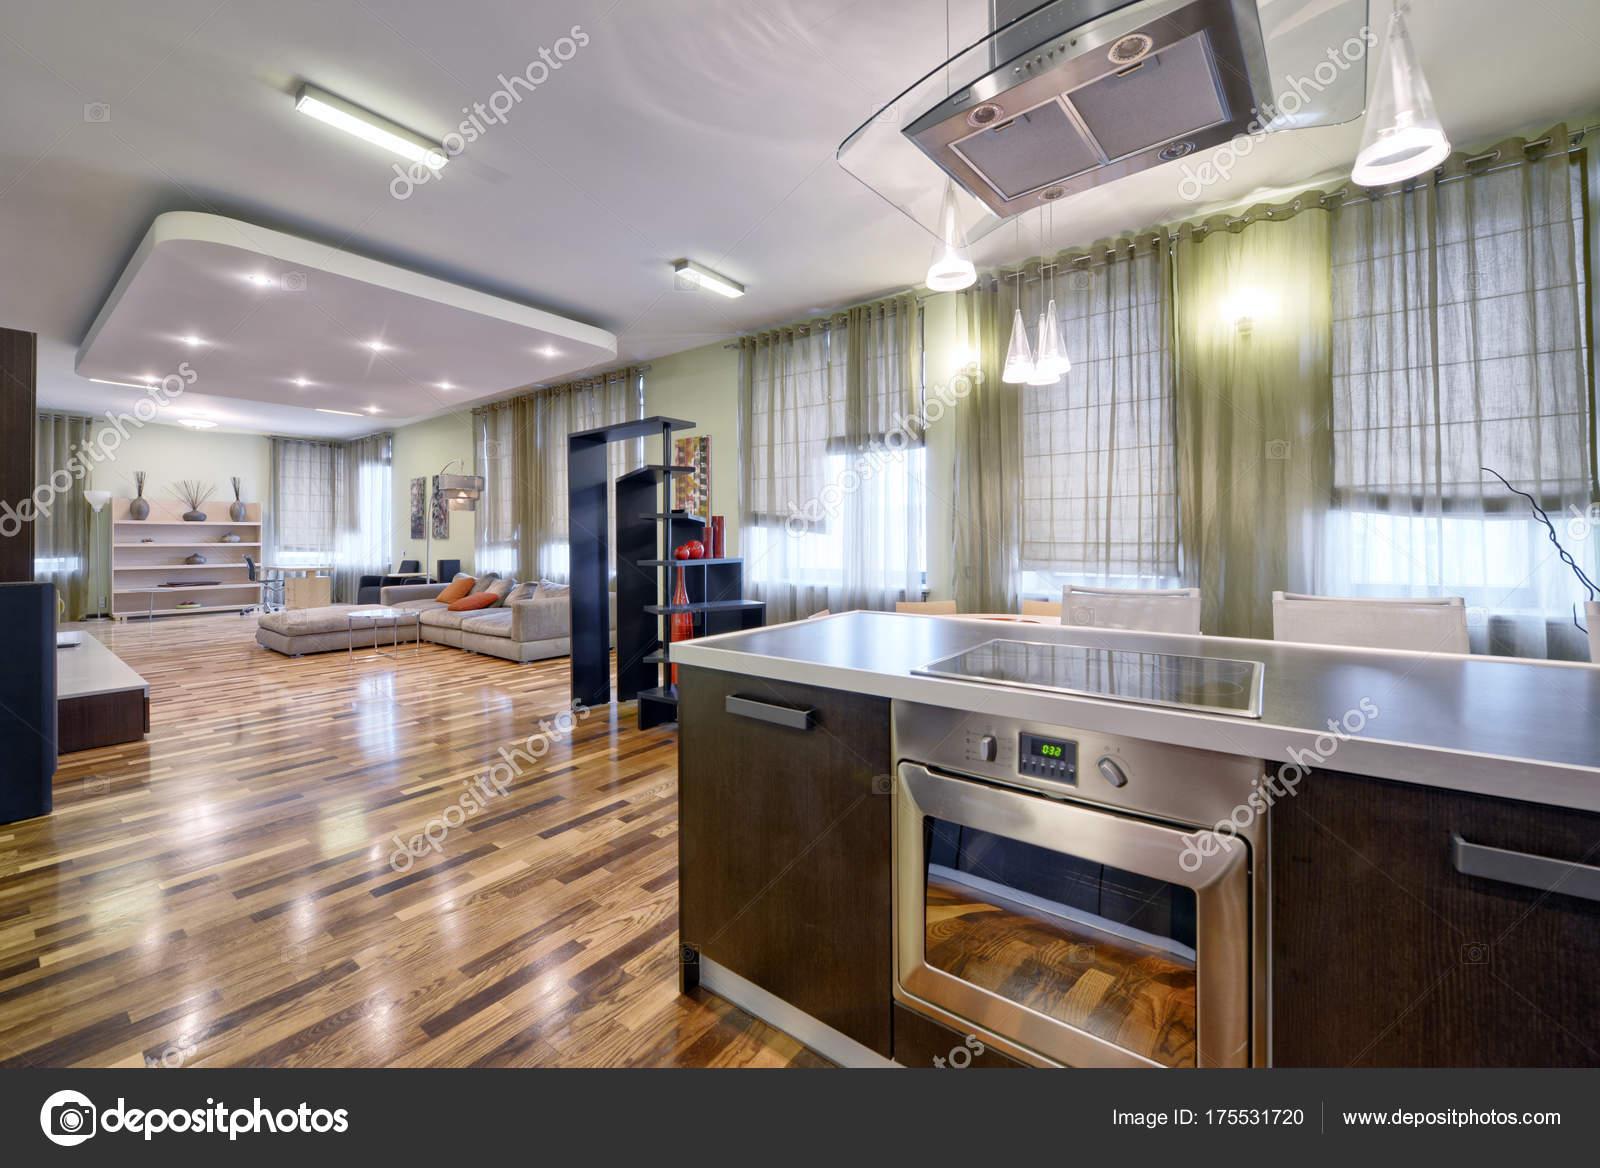 Interieur Maison Modern : Intérieur pièce cuisine séjour dans une maison moderne